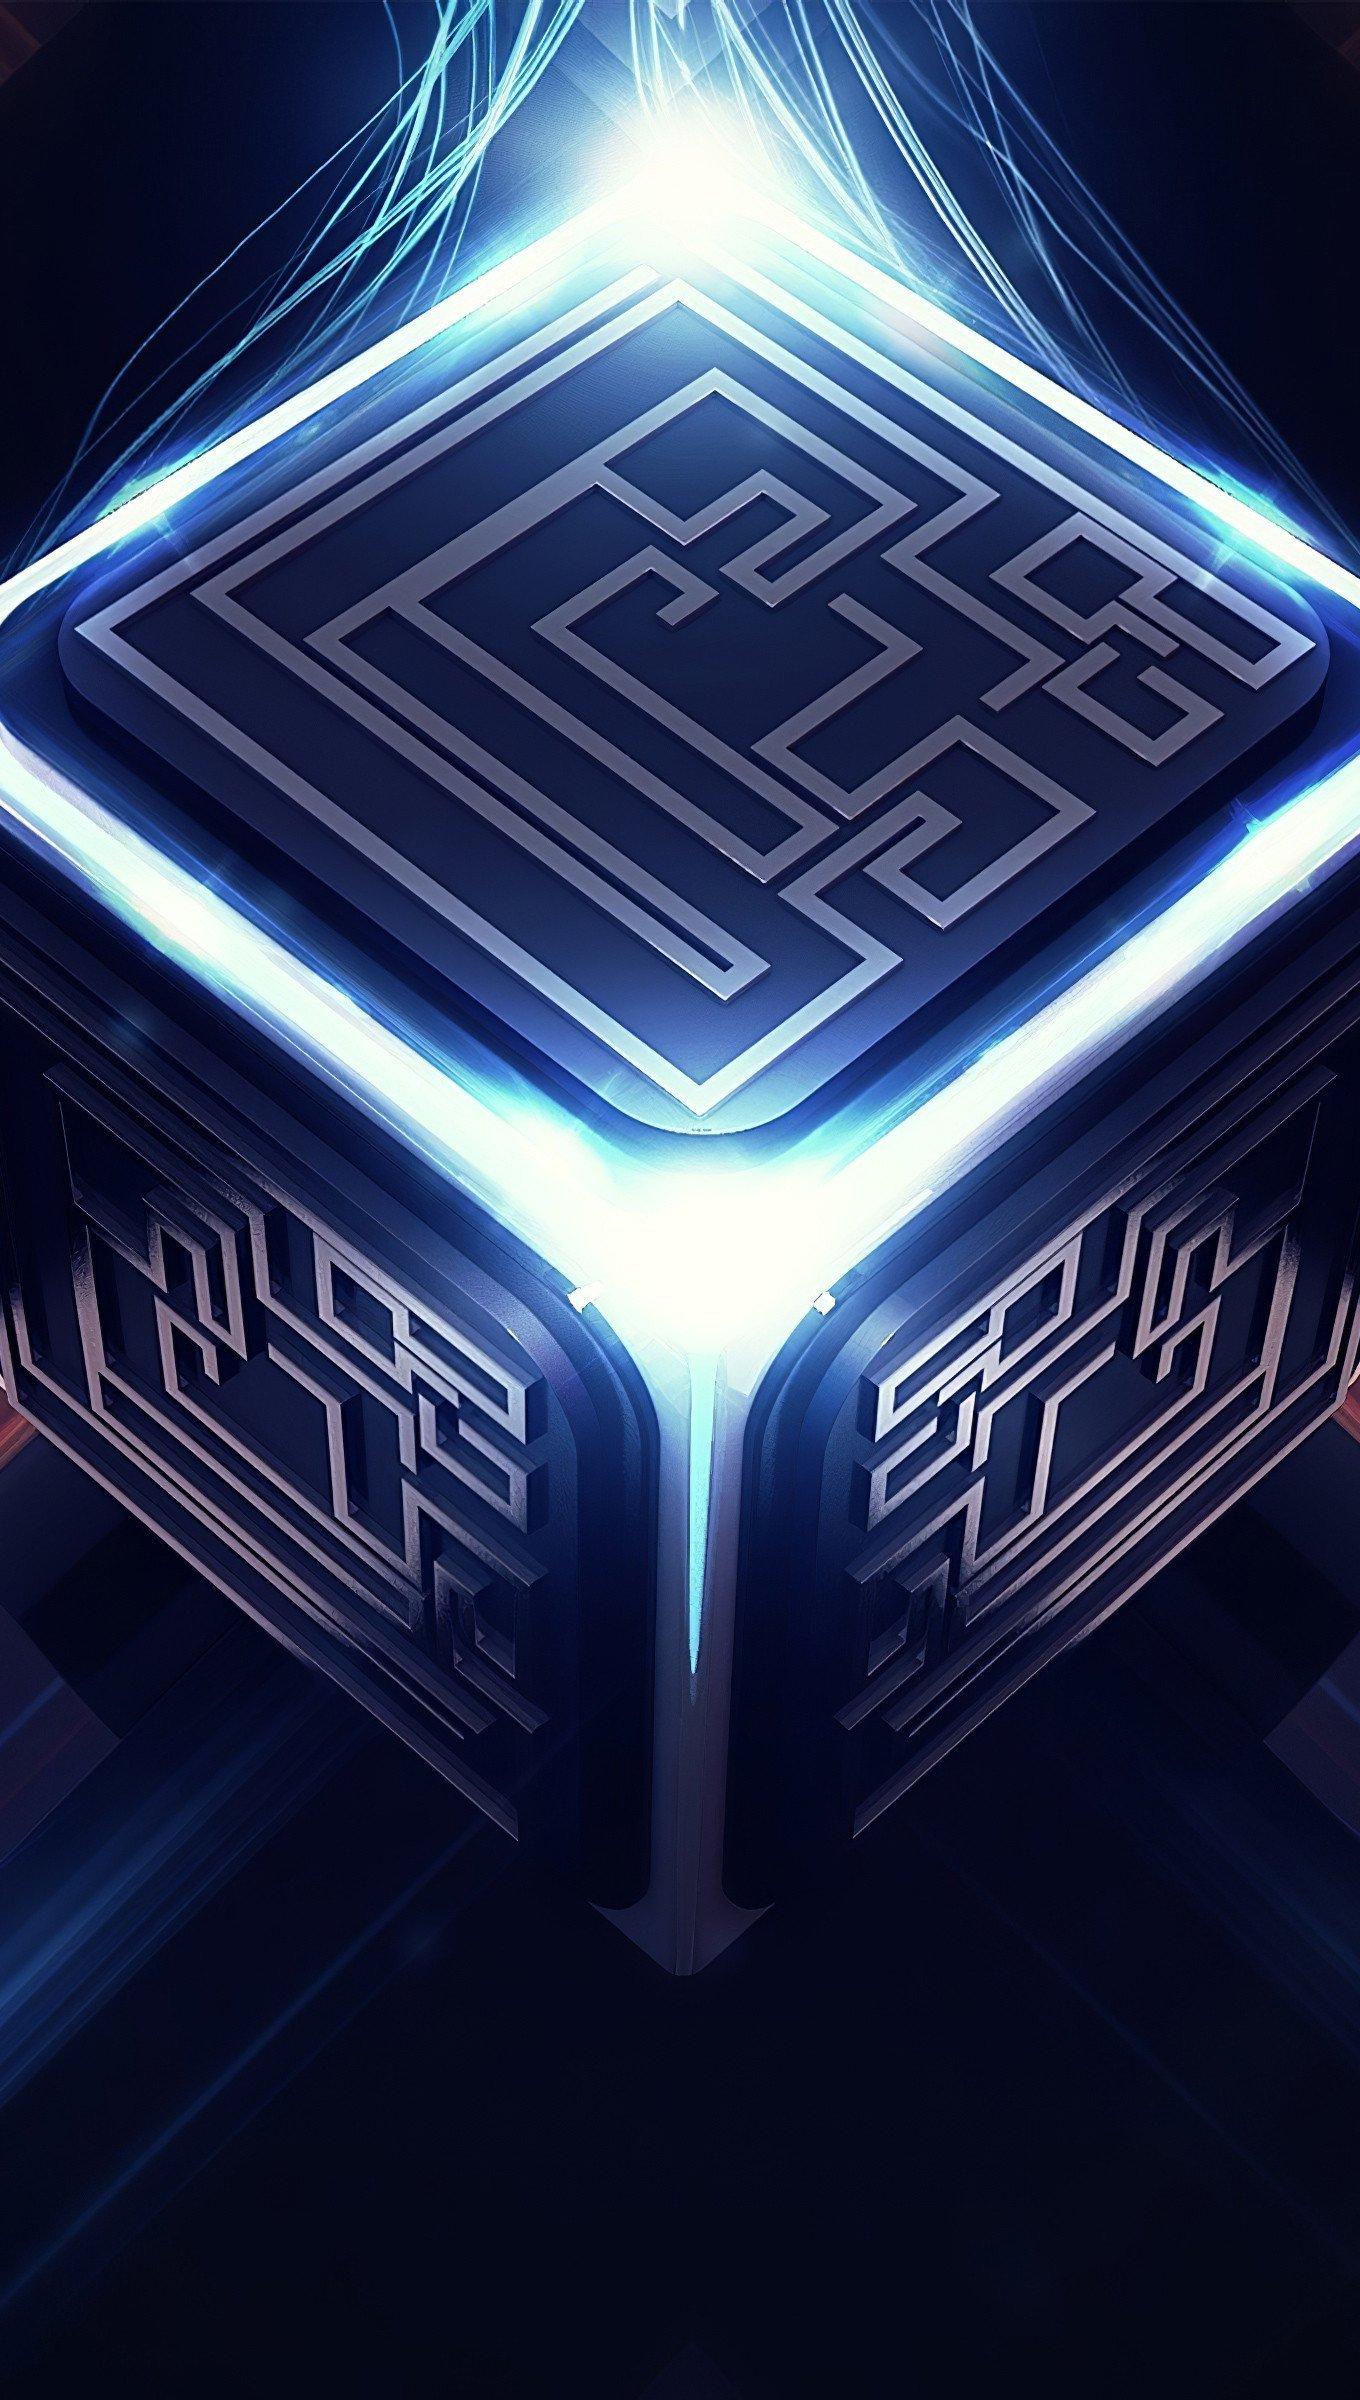 Fondos de pantalla Cubo con energia de luces Vertical